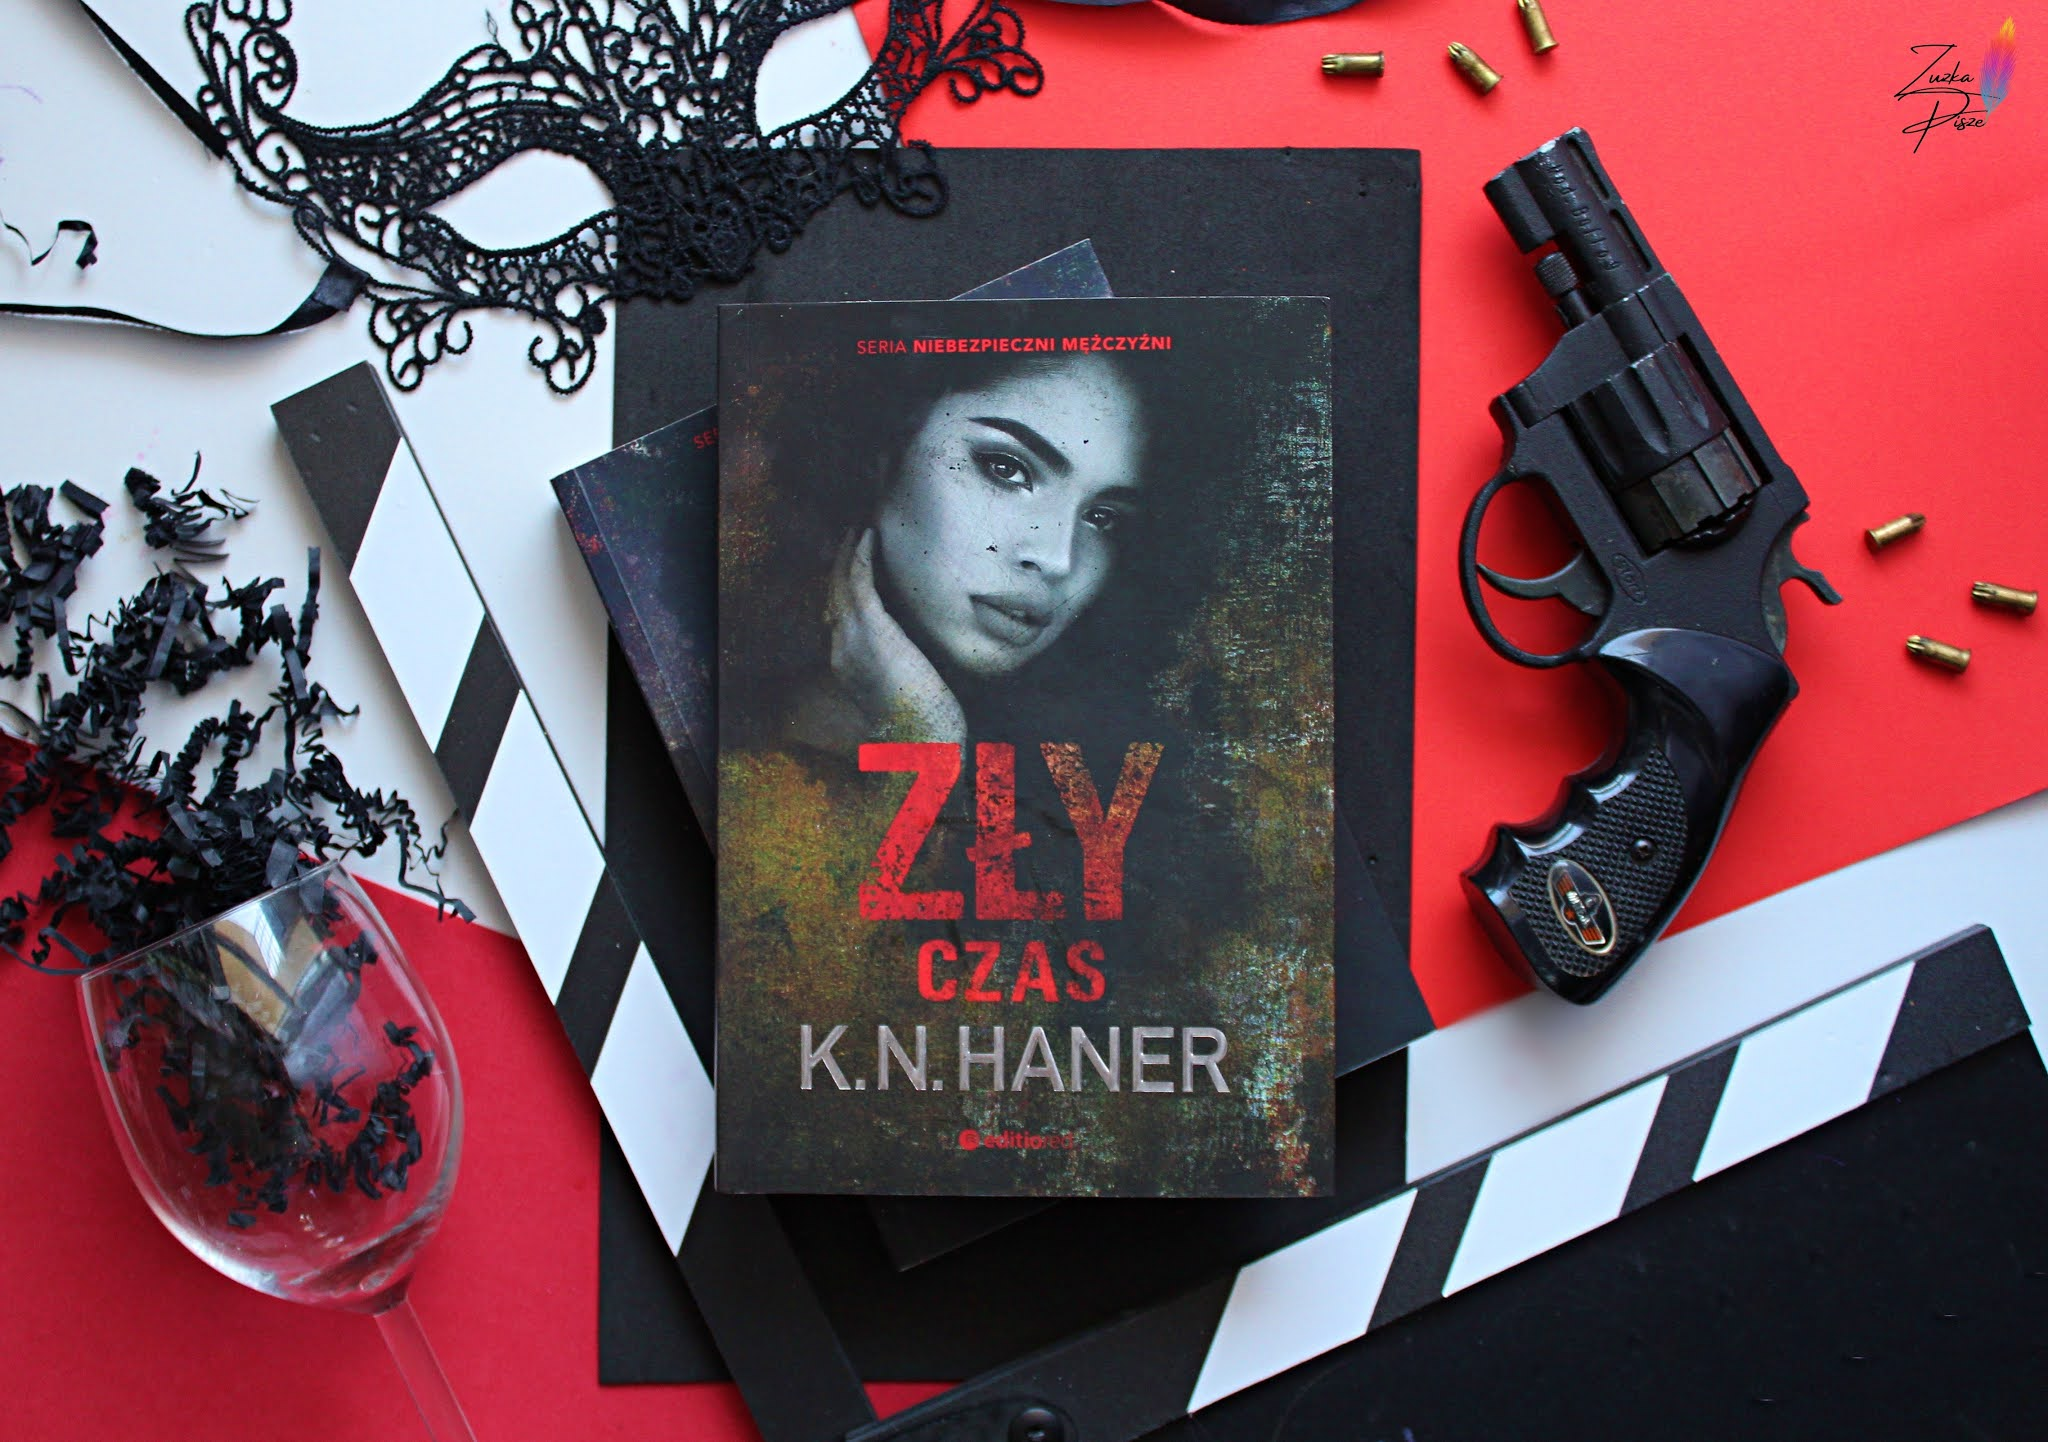 """K.N. Haner """"Zły czas"""" - przedpremierowa recenzja"""